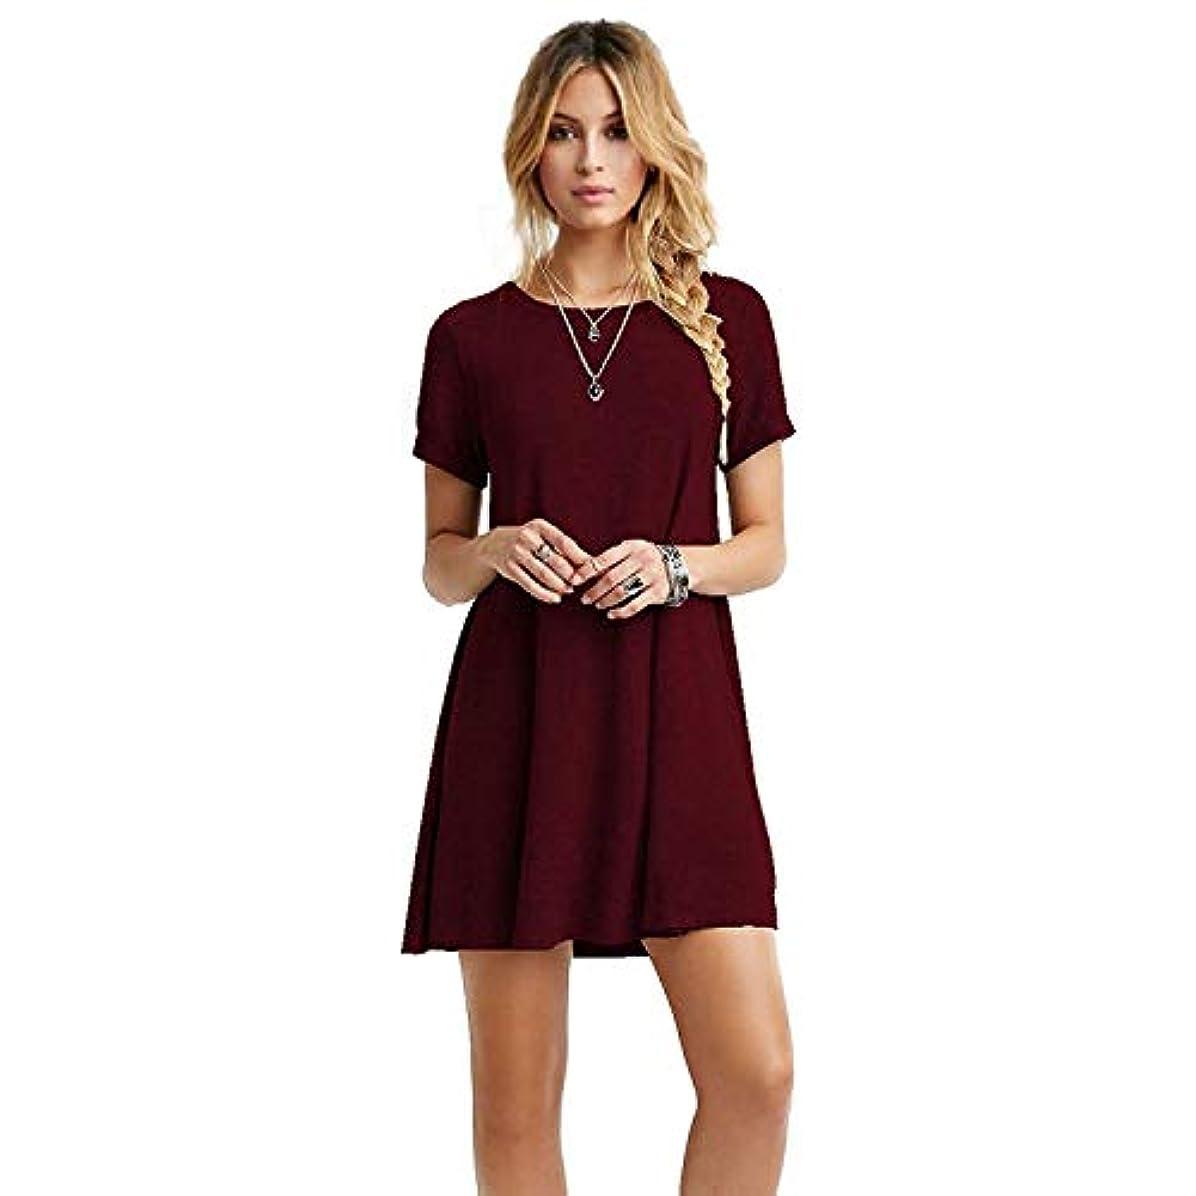 アミューズストラップ確かにMIFAN女性のファッション、カジュアル、ドレス、シャツ、コットン、半袖、無地、ミニ、ビーチドレス、プラスサイズのドレス